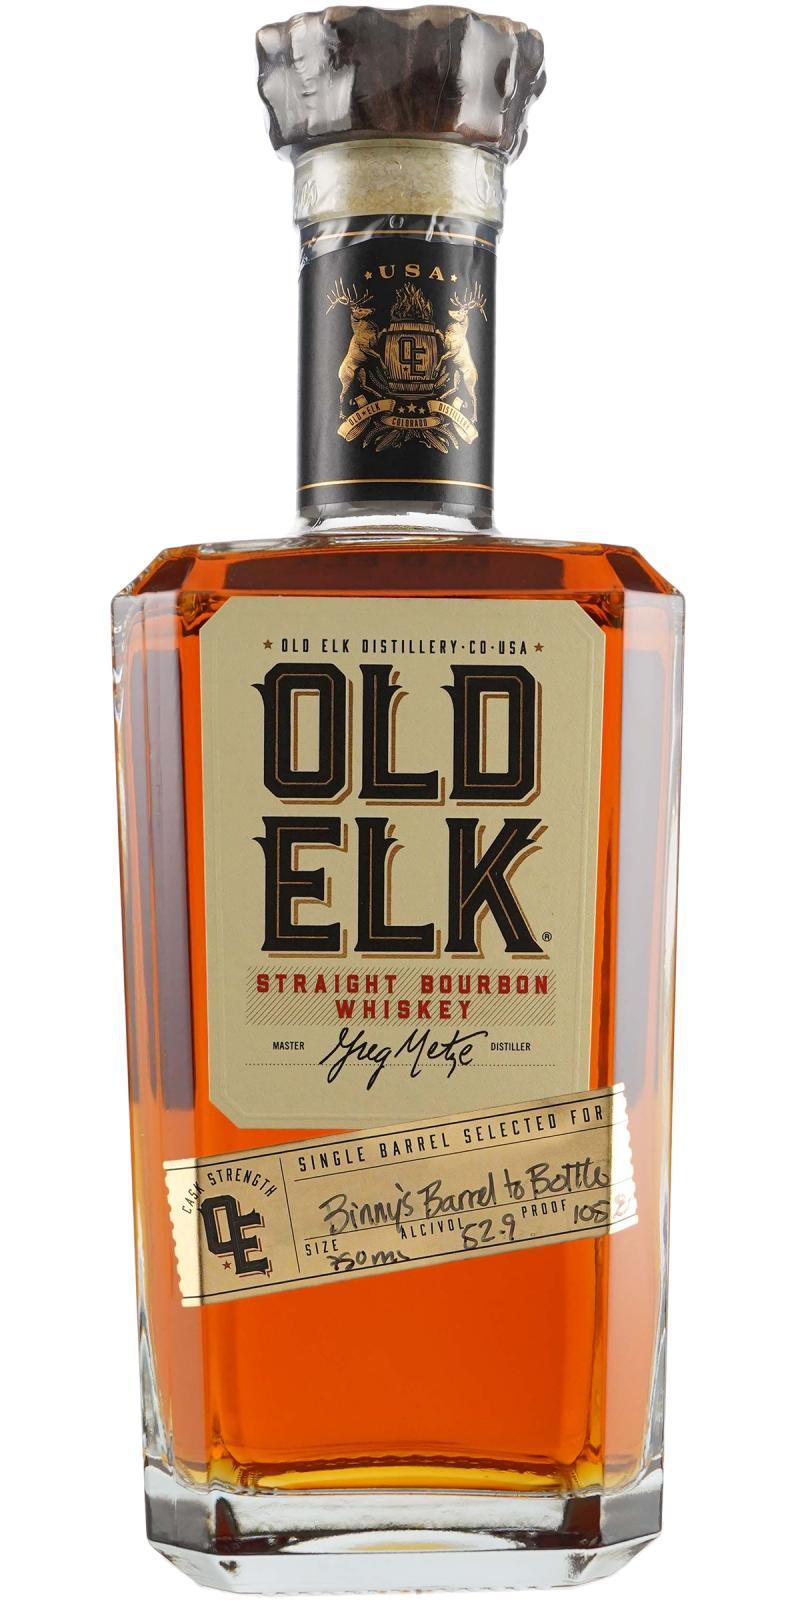 Old Elk Straight Bourbon Whiskey